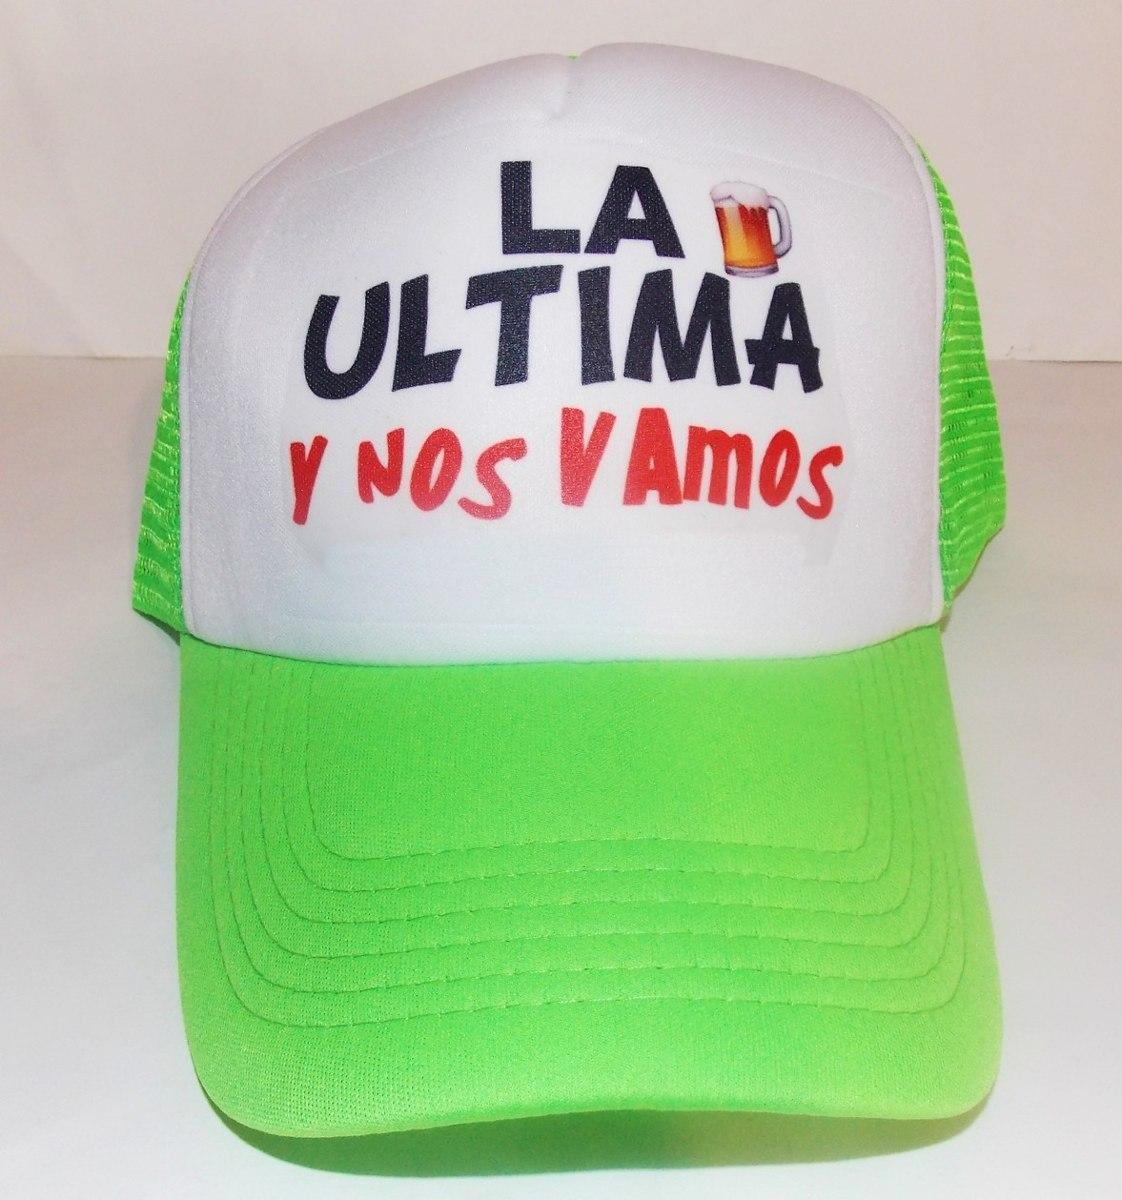 Paquete 5 Gorras Personalizadas Malla Fiesta Esponja Neon -   180.00 ... 1a6960a0f51